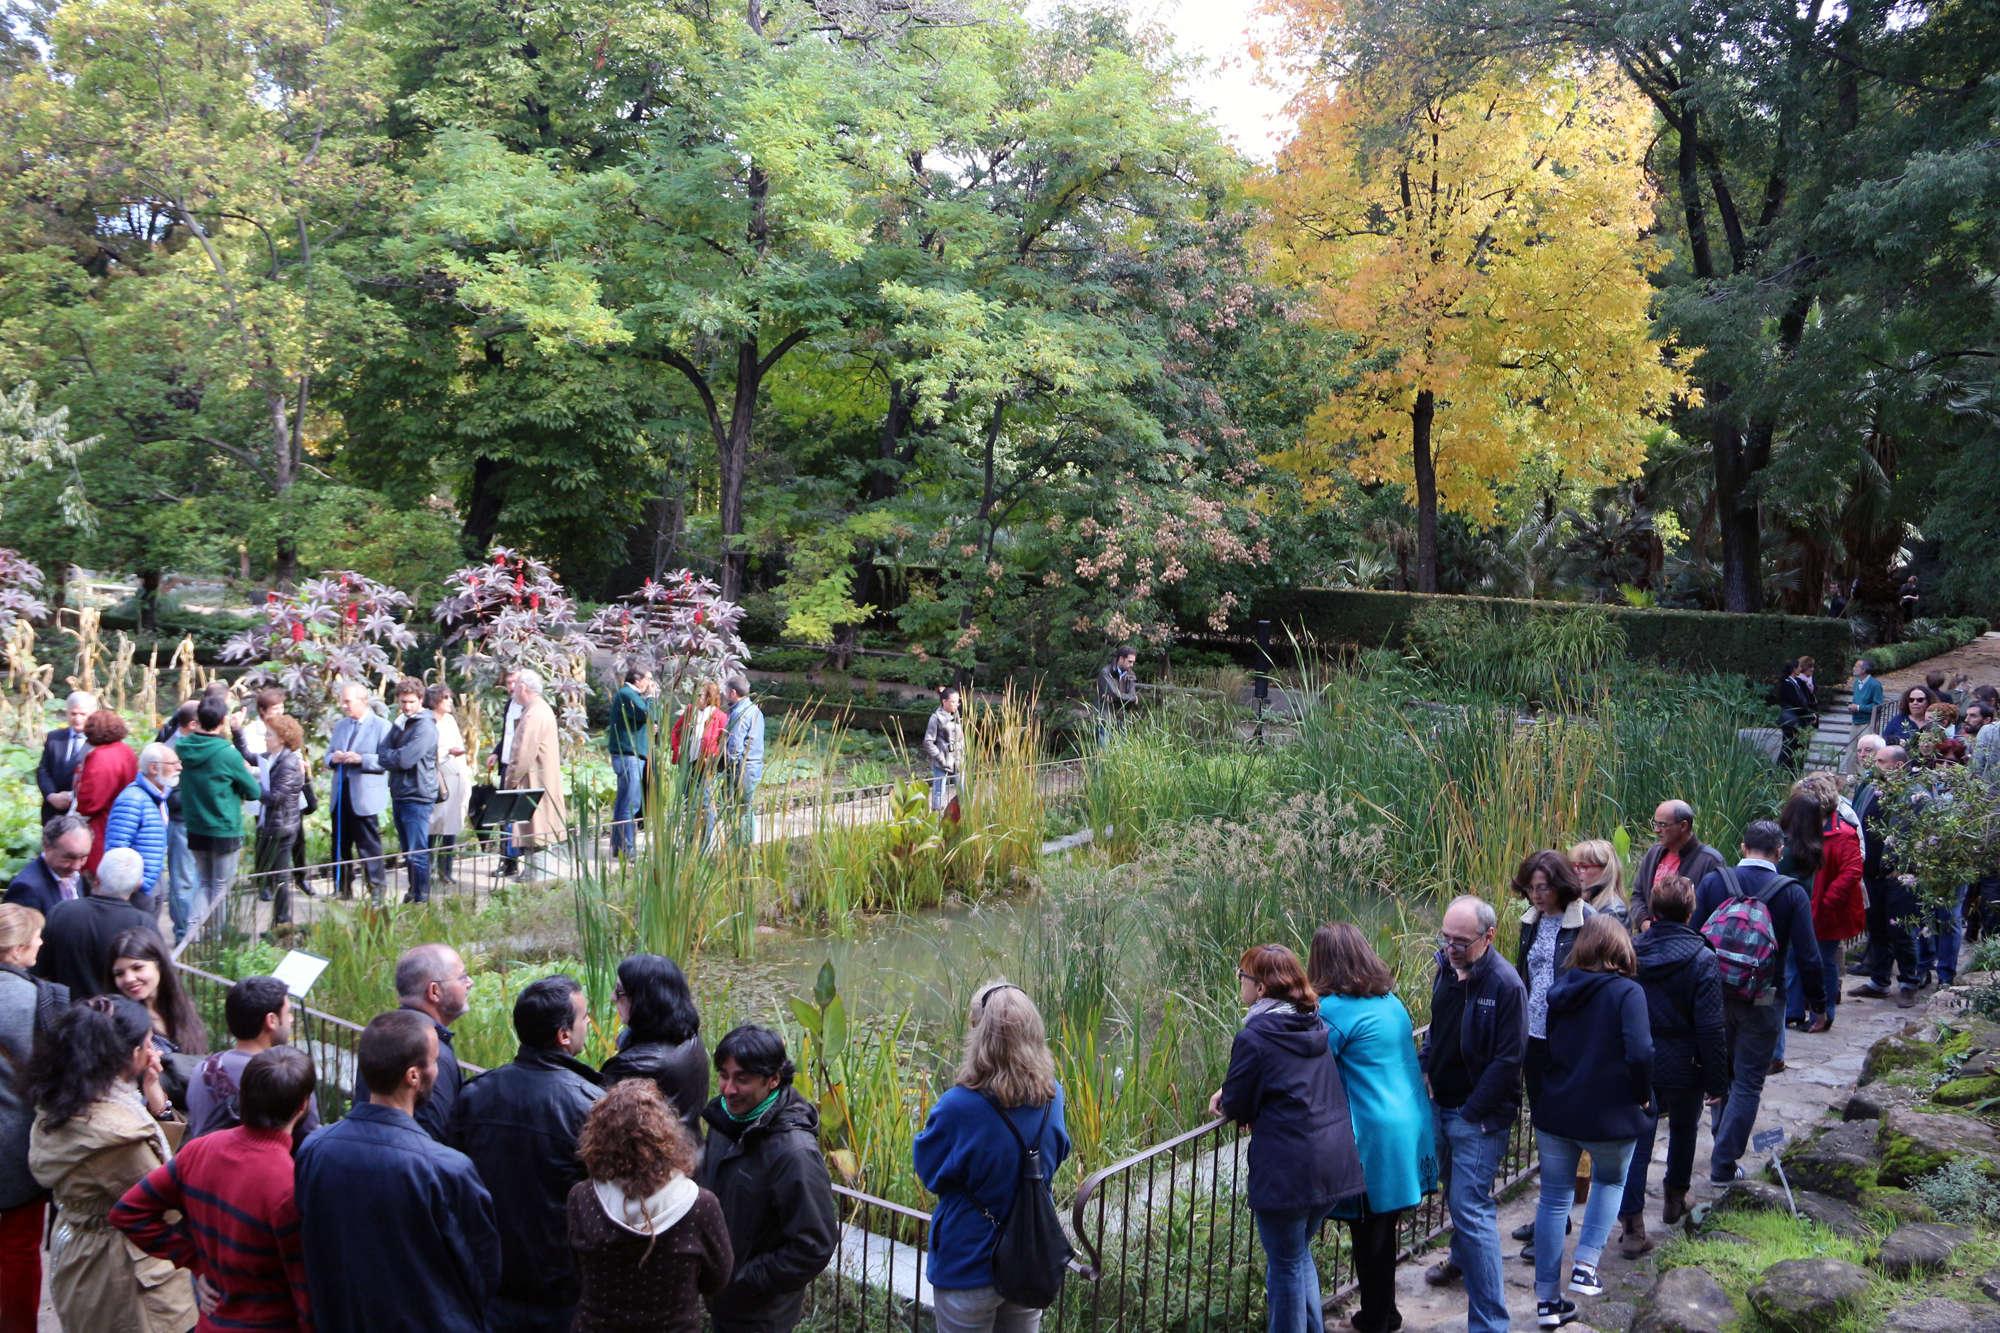 El real jard n bot nico de retiro inaugura un humedal for Jardin botanico conciertos